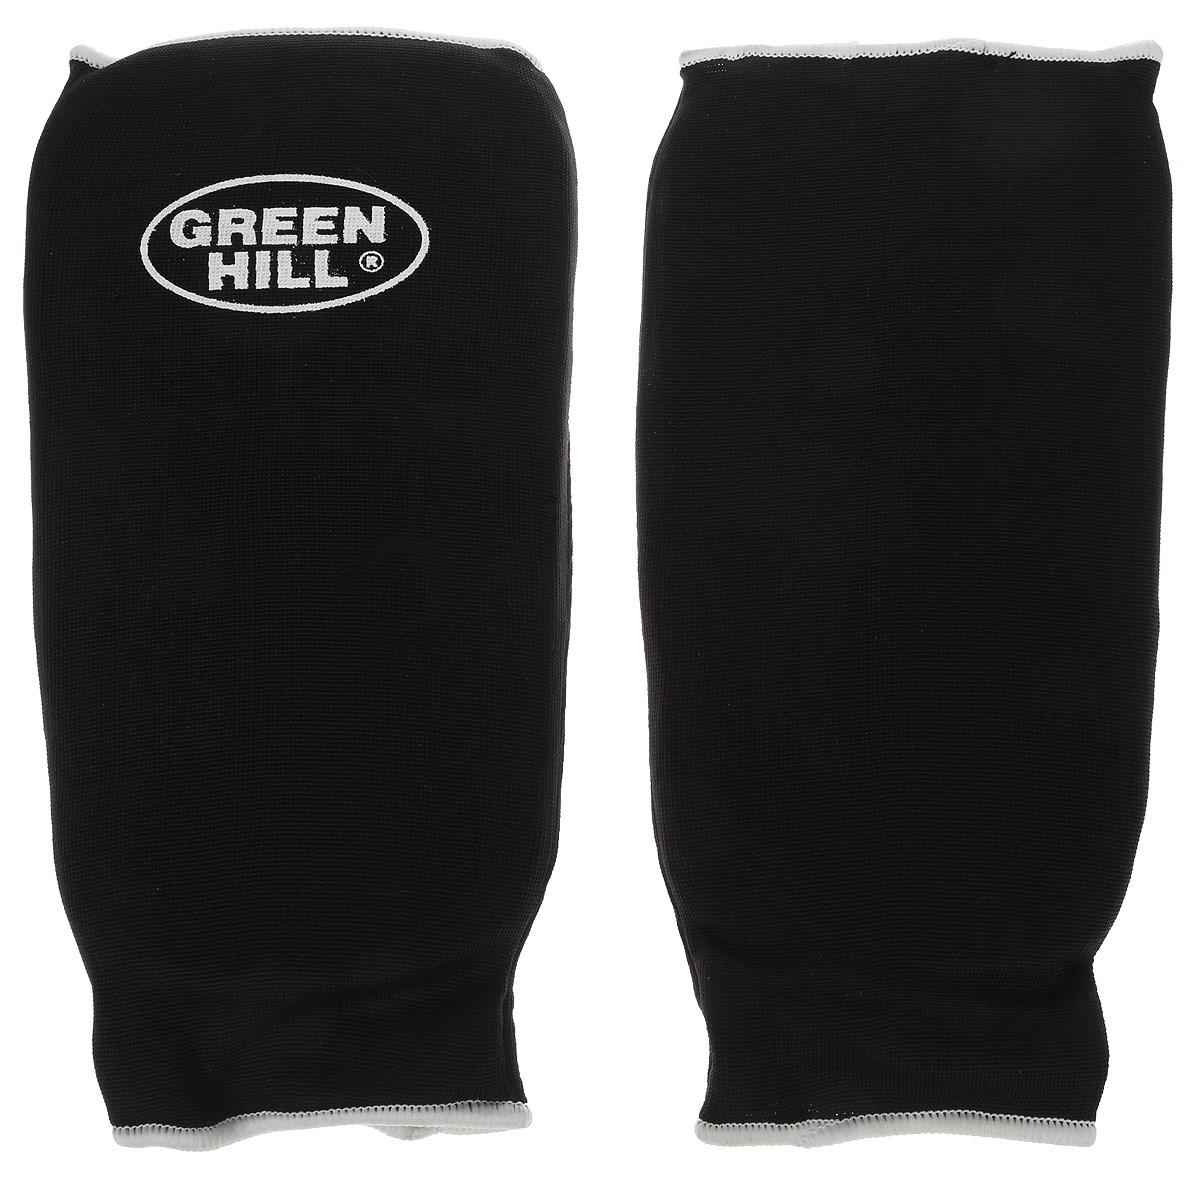 Защита голени Green Hill, цвет: черный, белый. Размер L. SPC-6210N.MS.34.023.LGЗащита голени Green Hill с наполнителем, выполненным из вспененного полимера, необходима при занятиях спортом для защиты суставов от вывихов, ушибов и прочих повреждений. Накладки выполнены из высококачественного эластана и хлопка.Длина голени: 28 см.Ширина голени: 16 см.